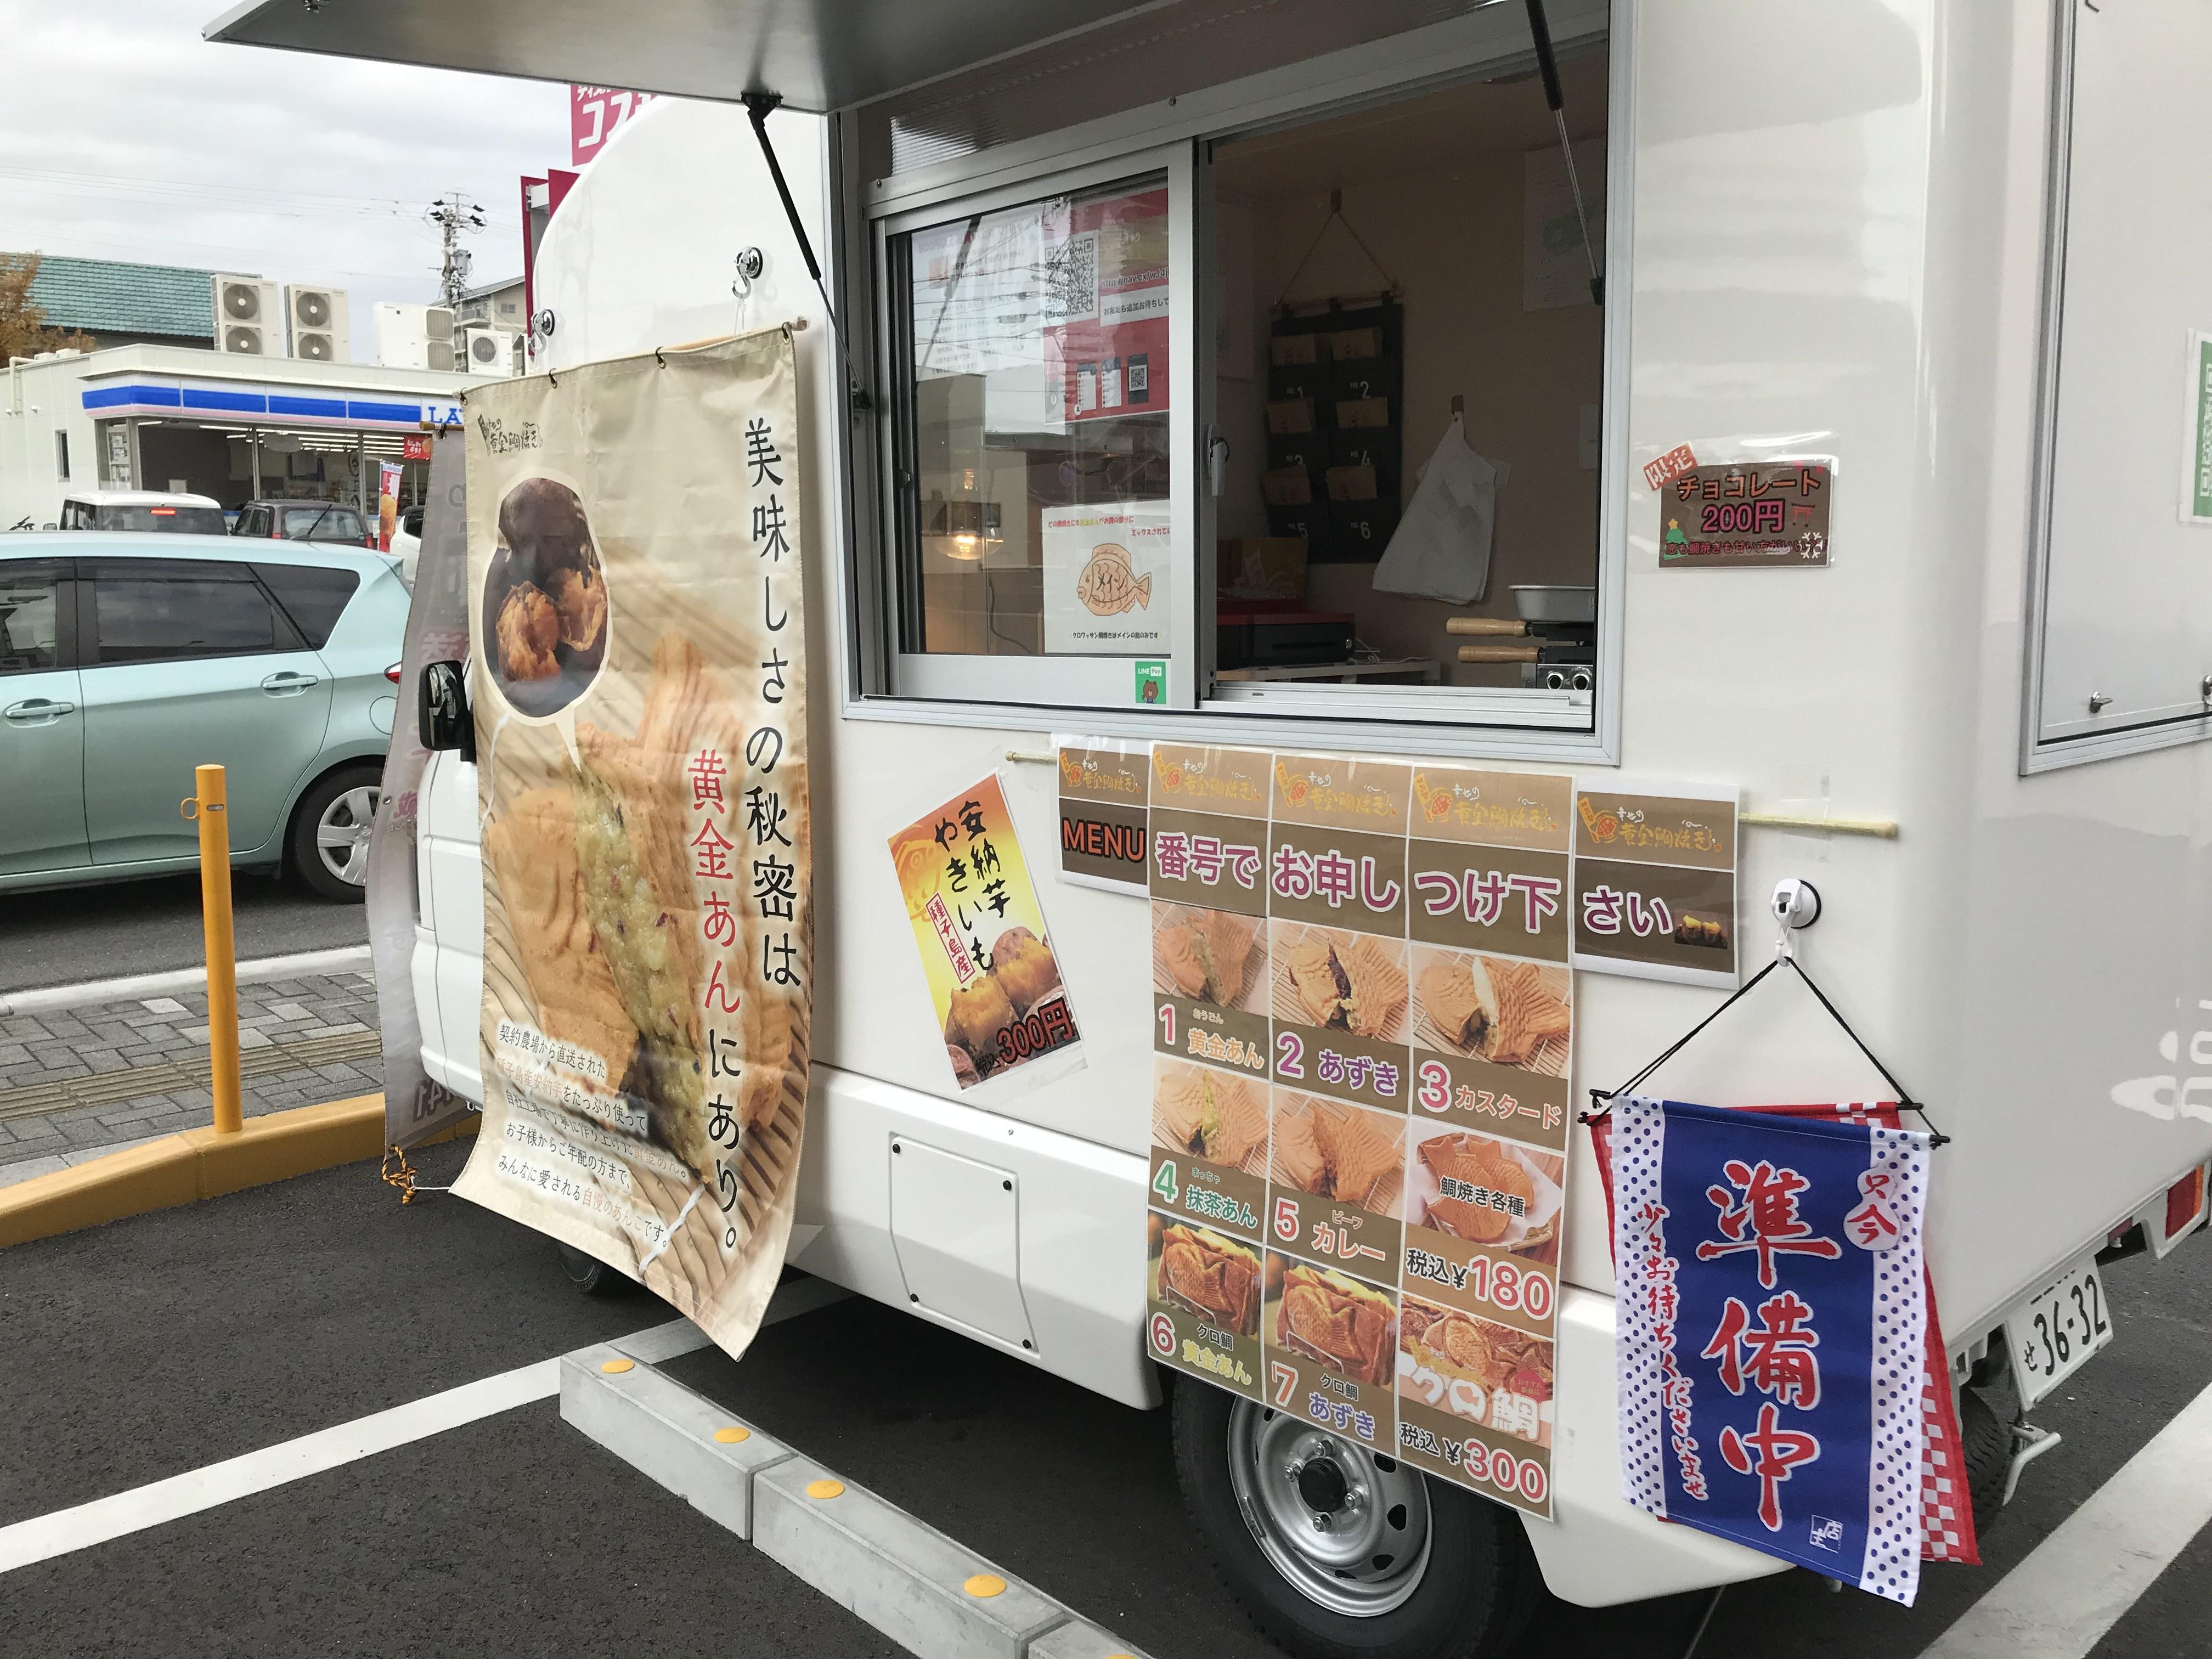 RKwalk,黄金の幸せ鯛焼き,鯛焼き,キッチンカー,フードトラック,出店,愛知,三重